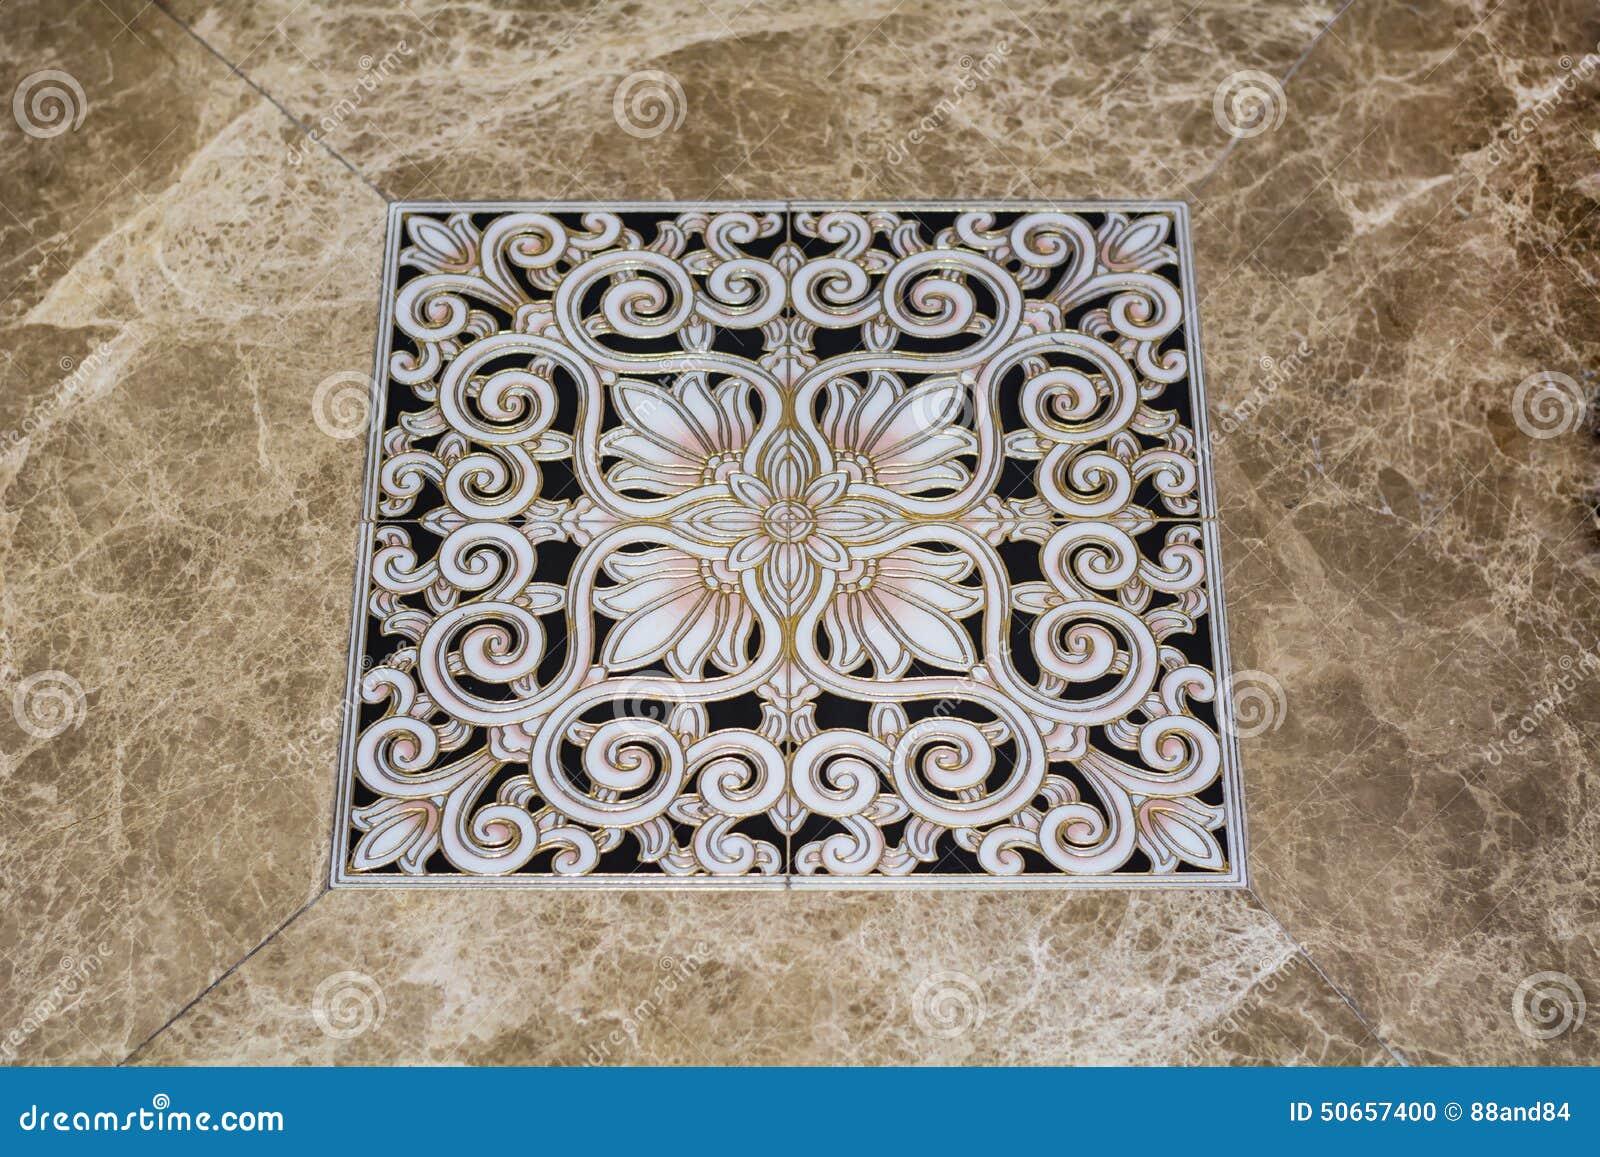 download antique arabic floor tiles stock photo image of geometry 50657400 - Antique Floor Tiles